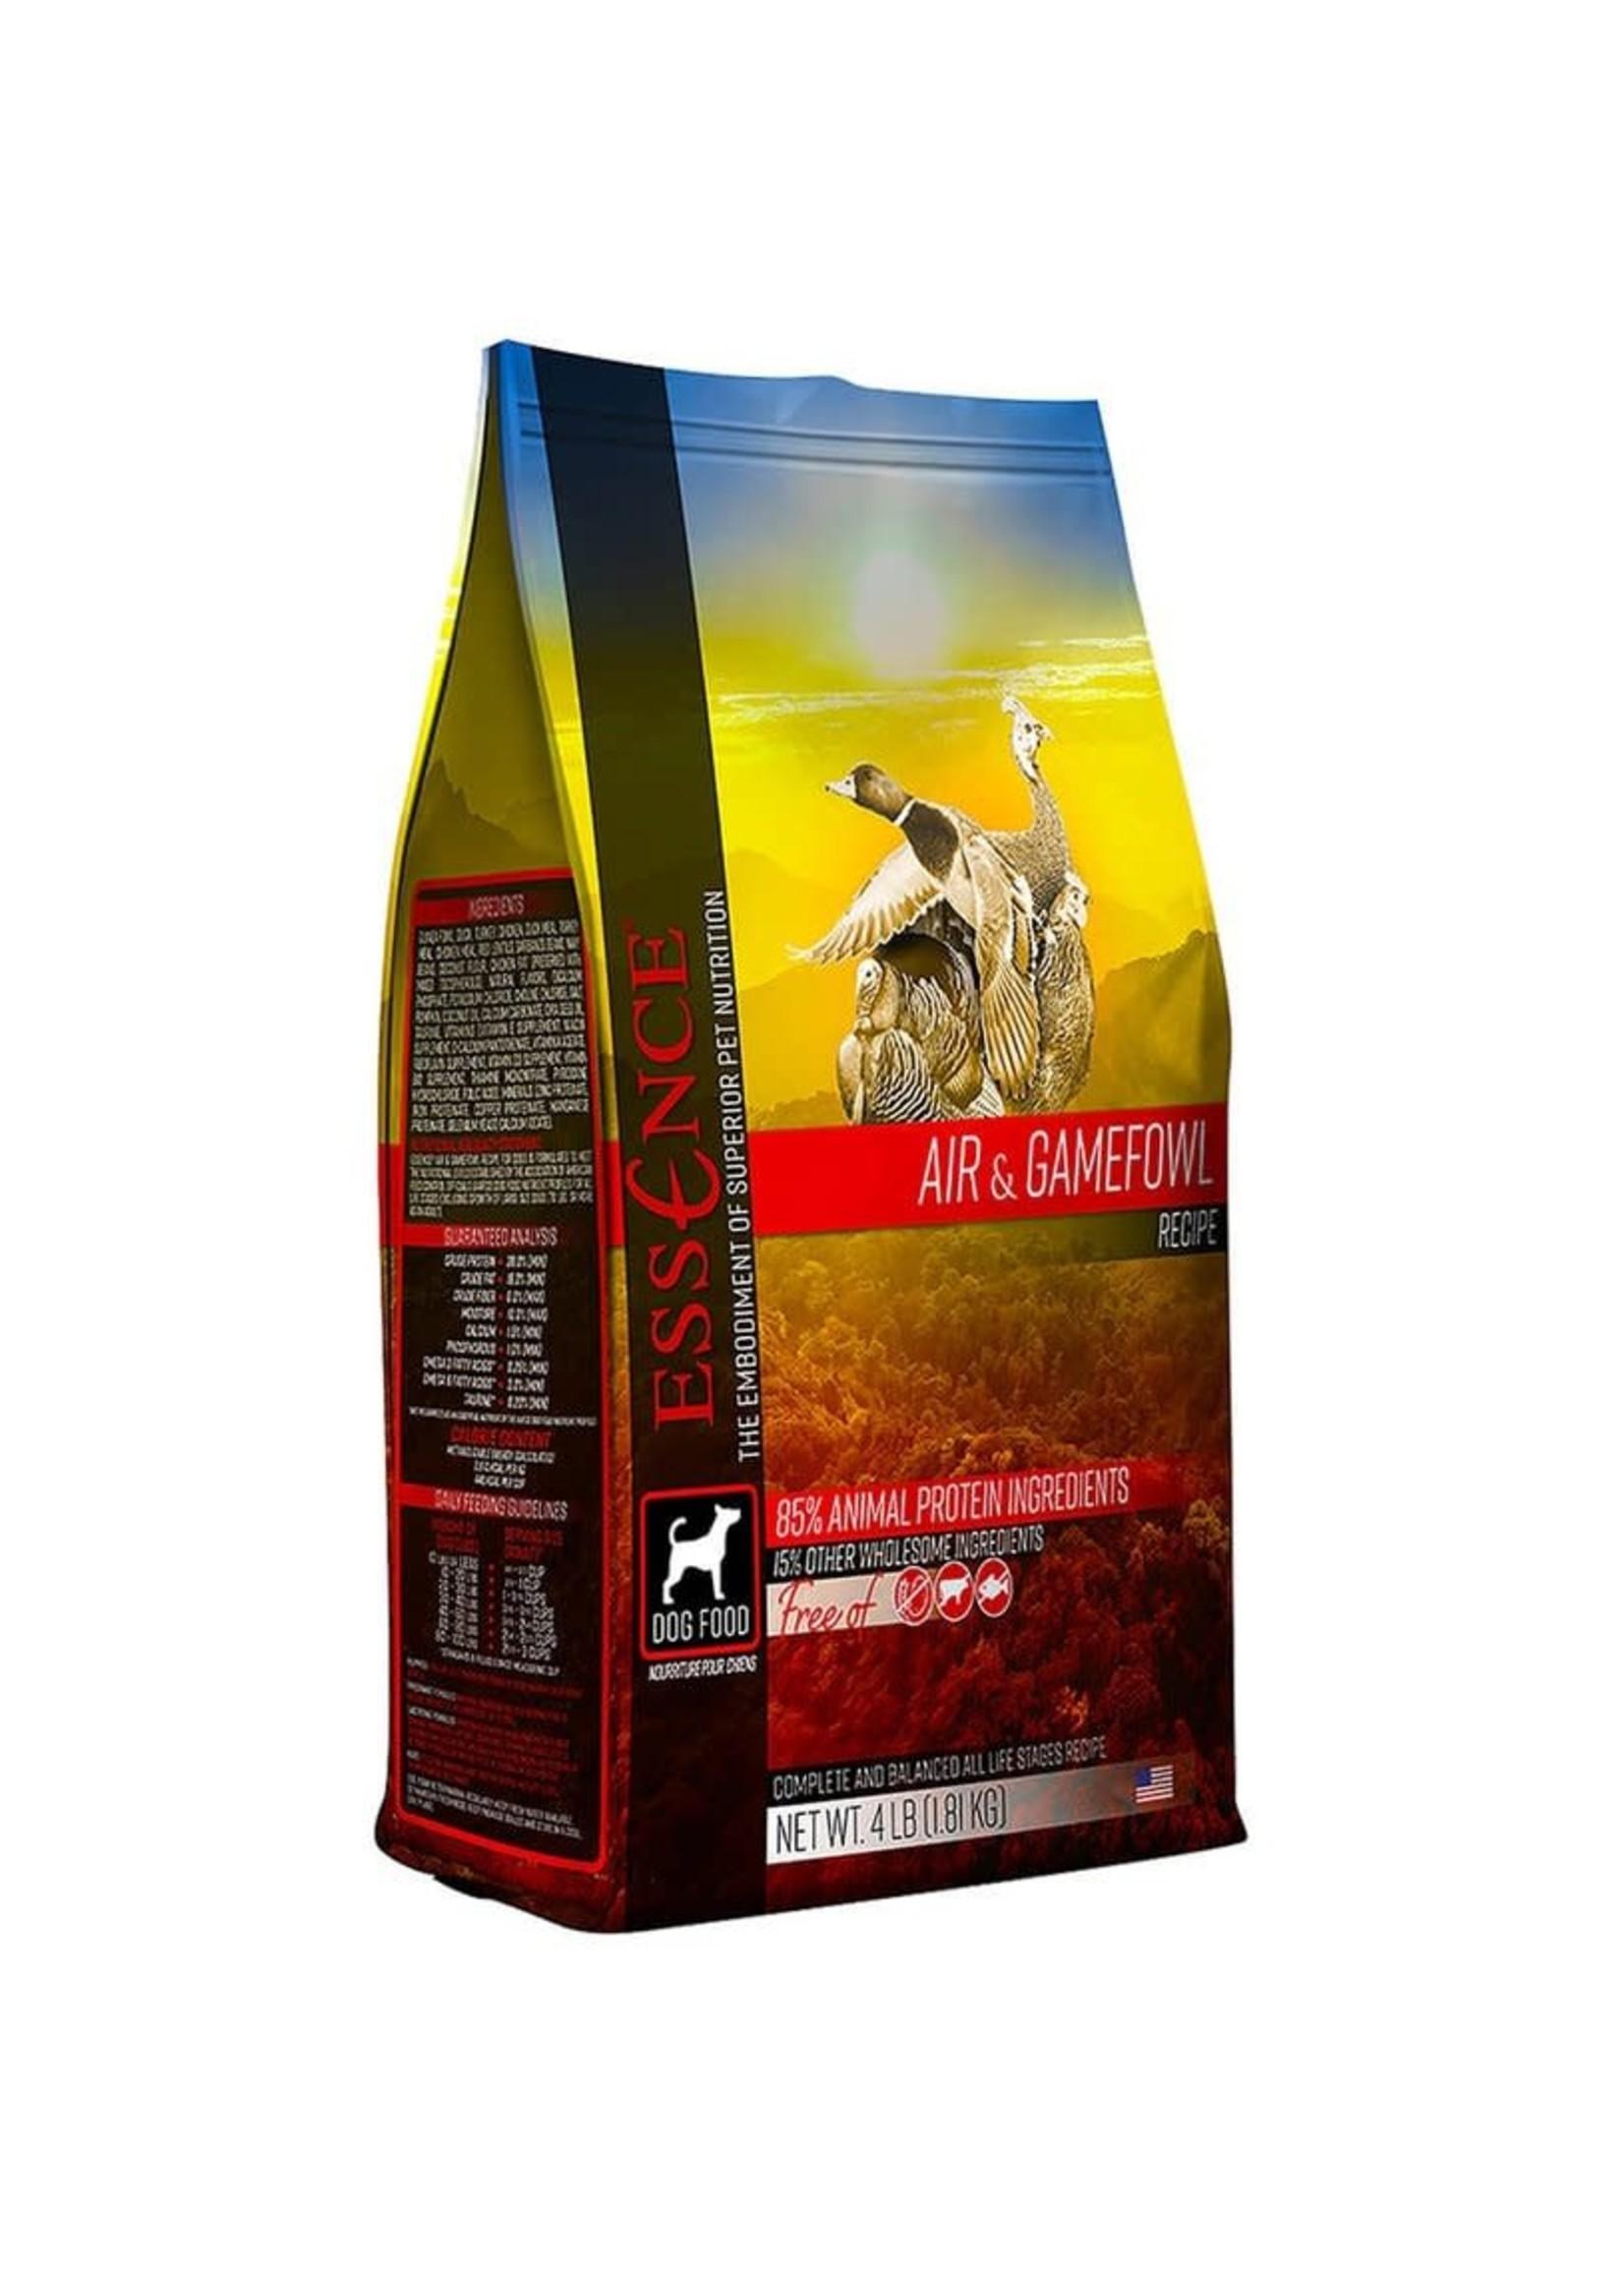 Essence Essence Air & Gamefowl Dog Recipe Dry Dog Food 4lbs